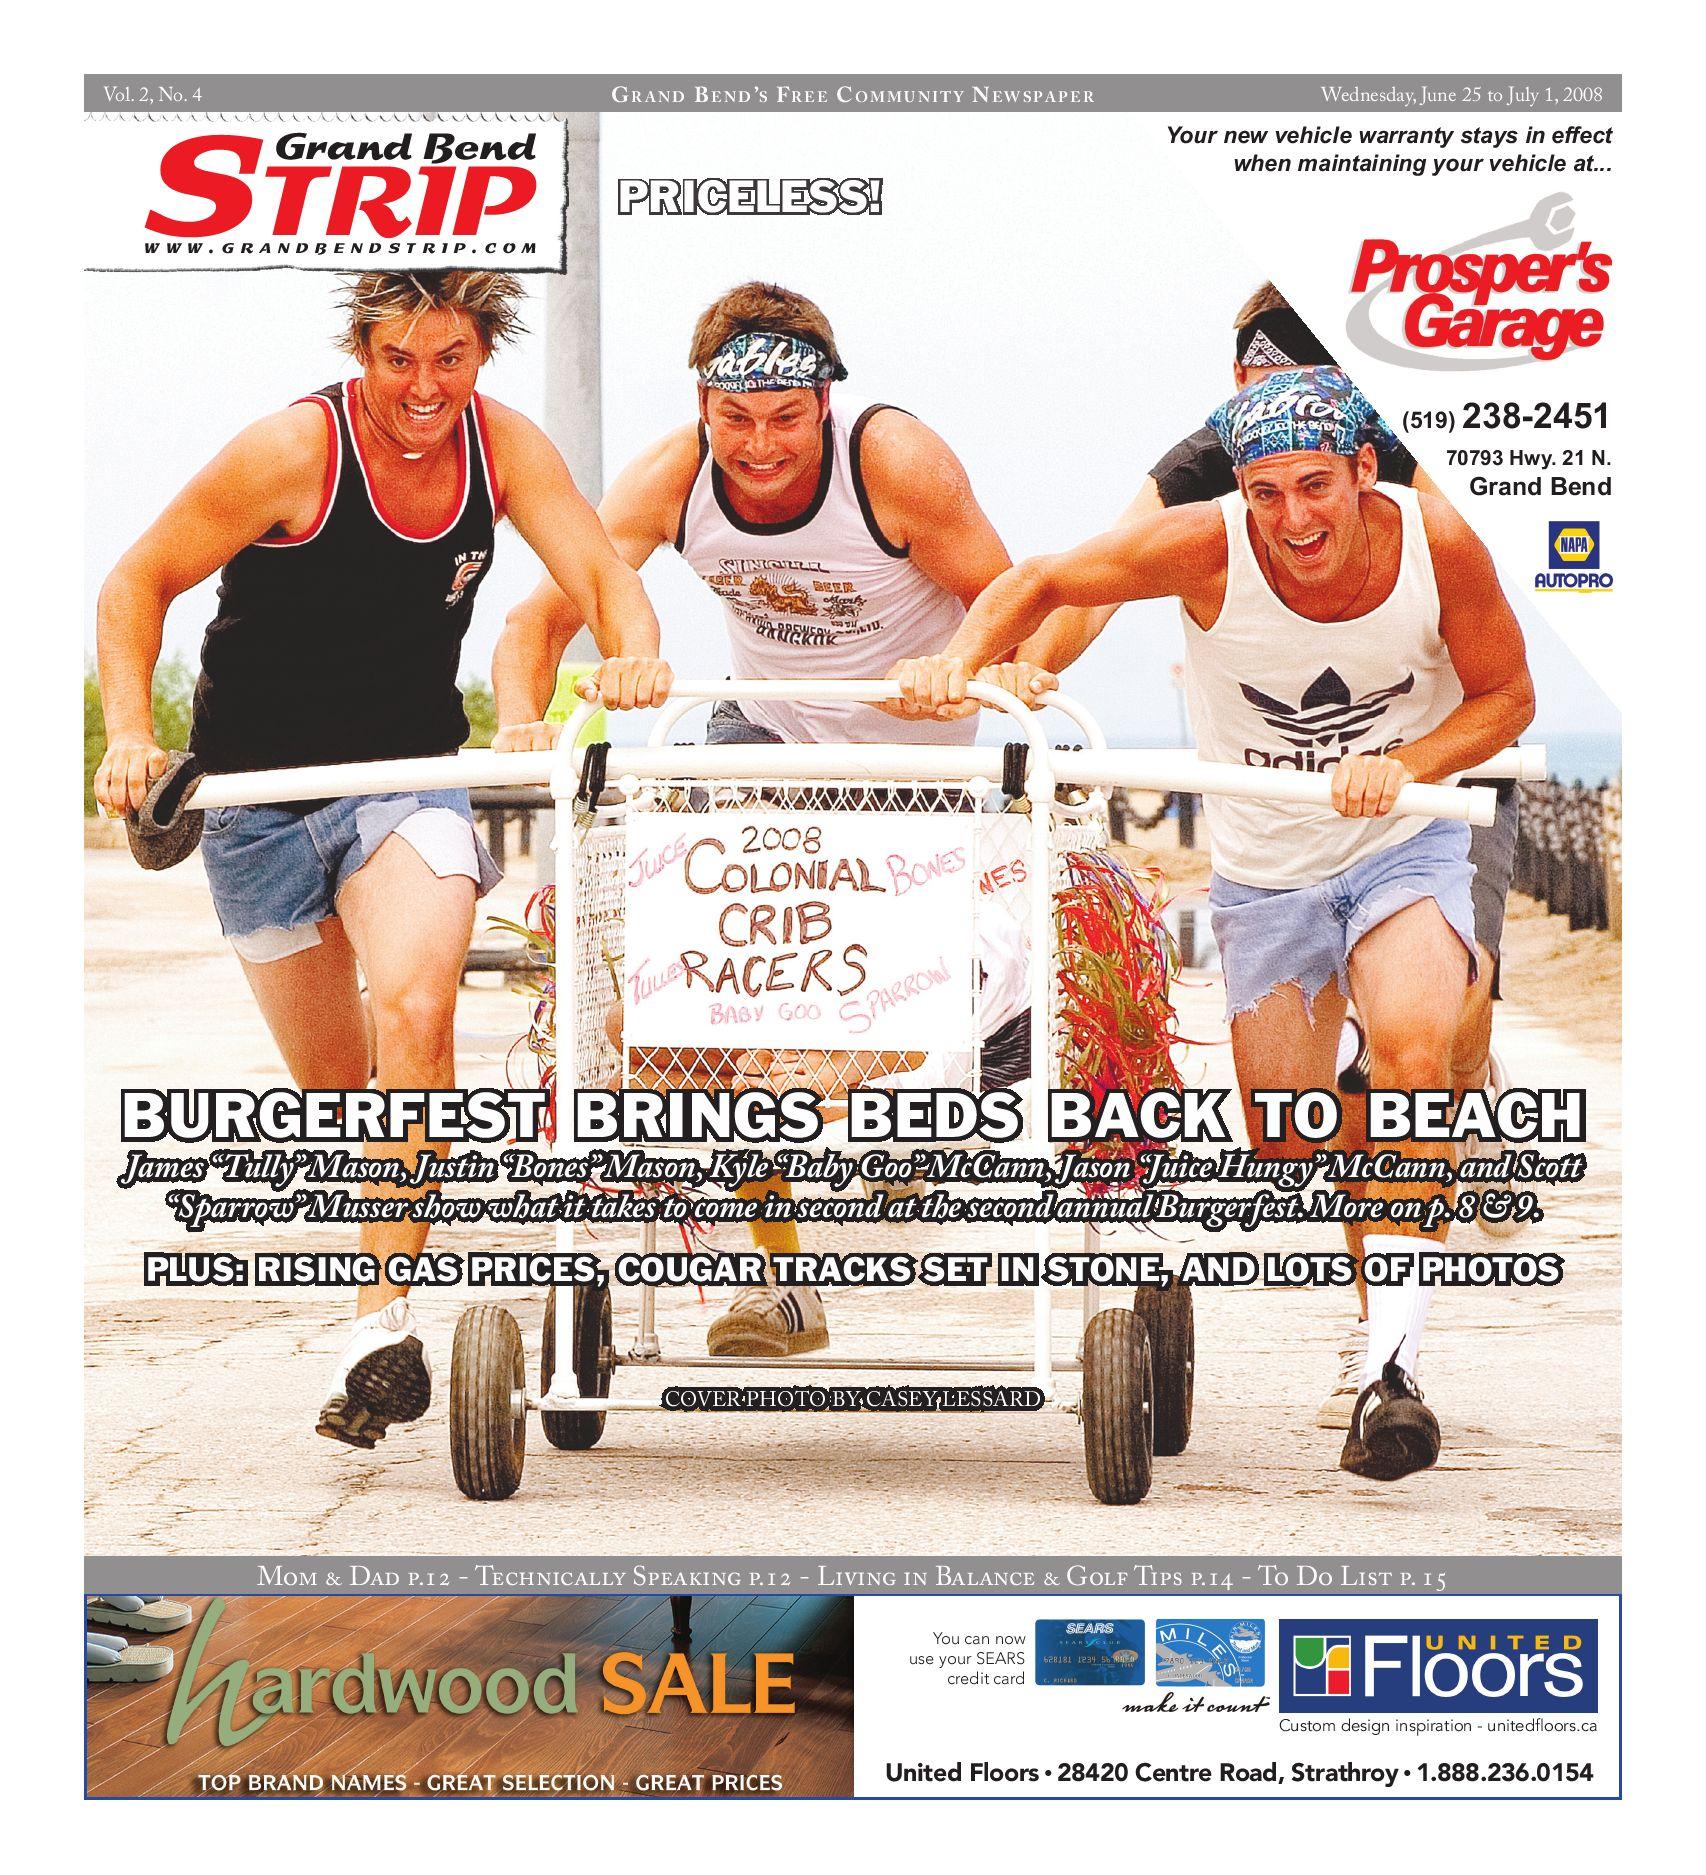 Vol 2 4 Grand Bend Strip June 25 2008 By Grand Bend Strip Issuu